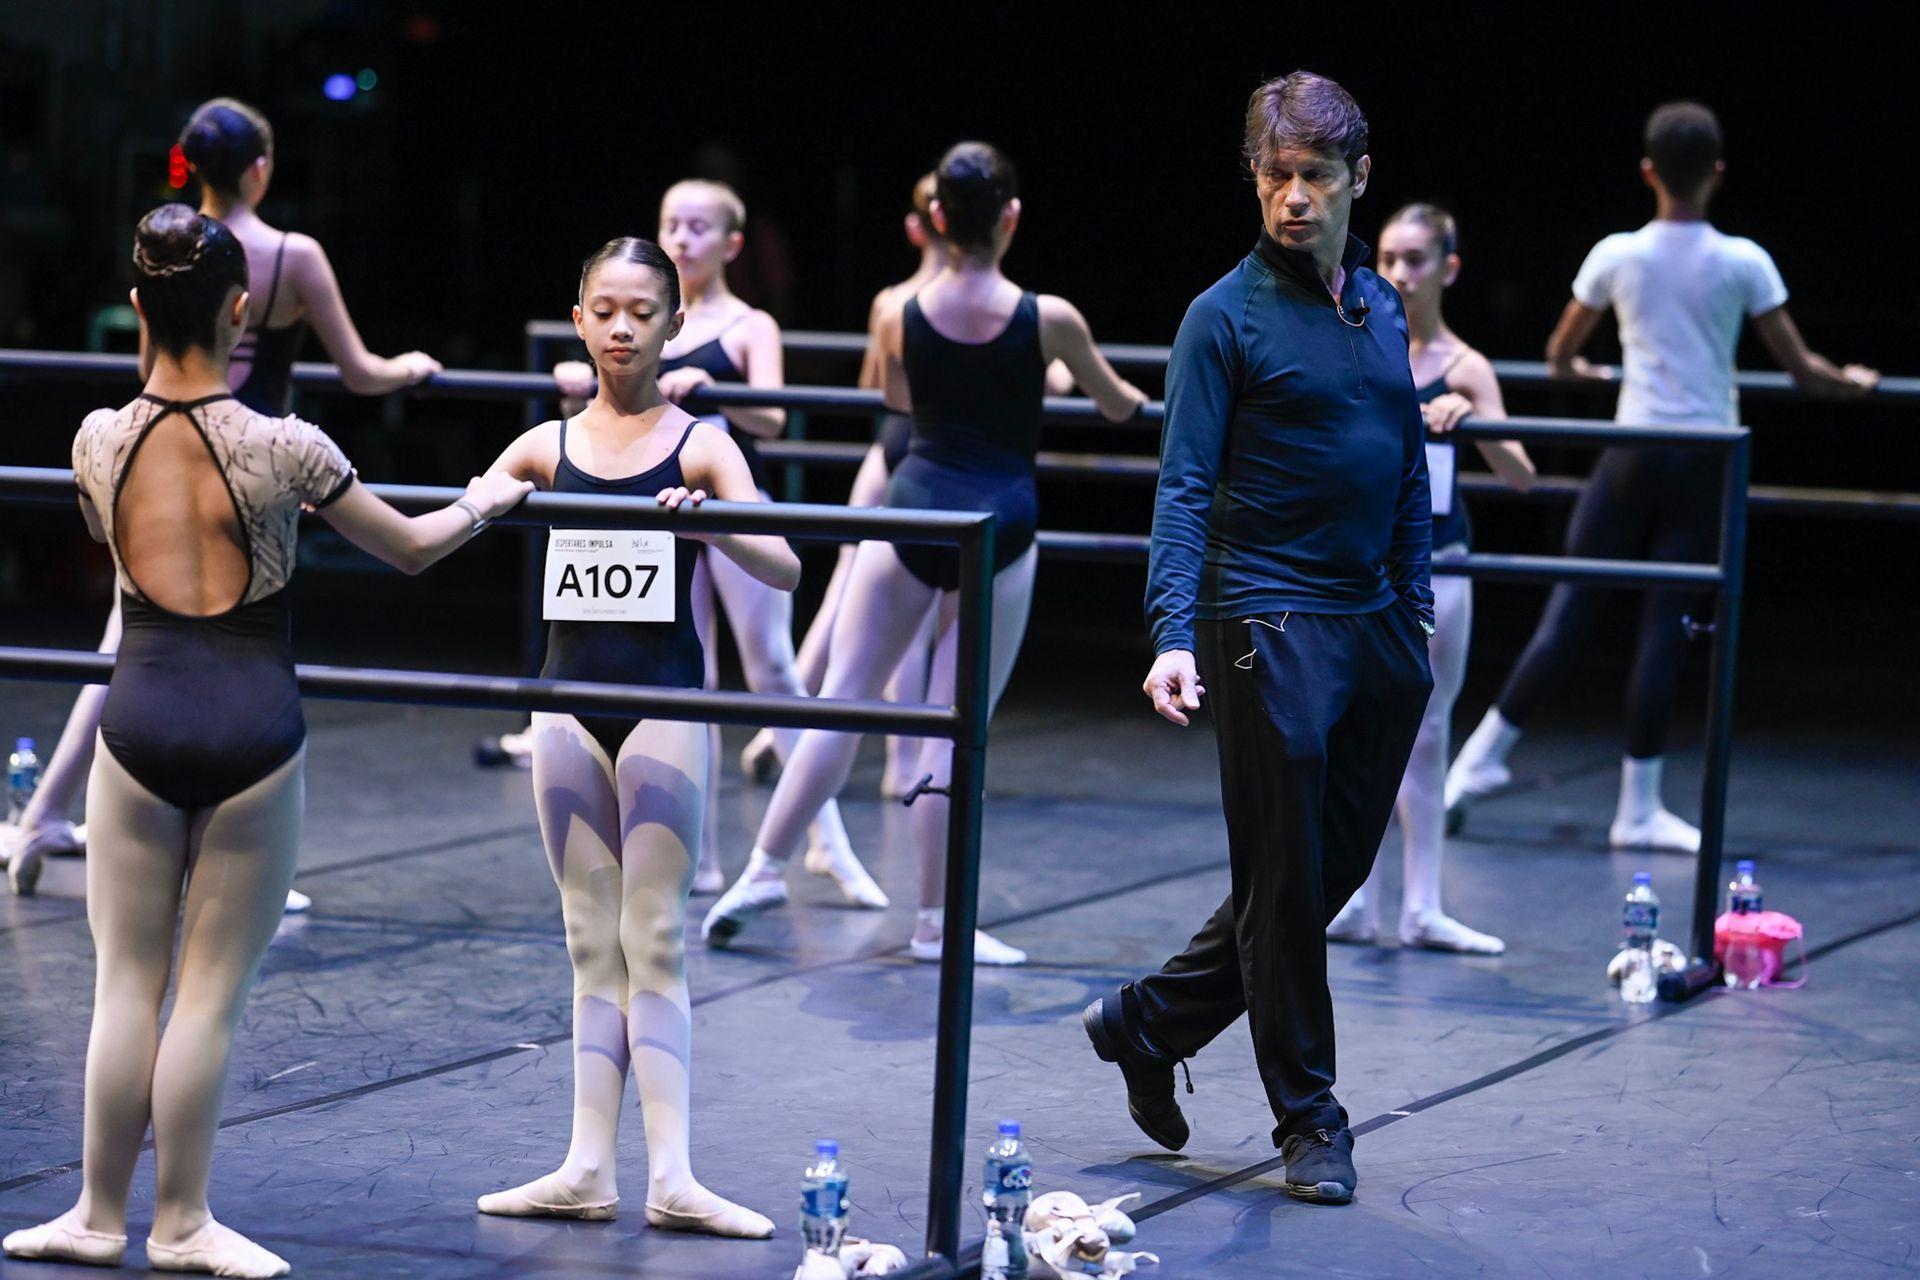 Con el A107, Julieta Castro, de 12 años, quedó seleccionada para la escuela del San Francisco Ballet